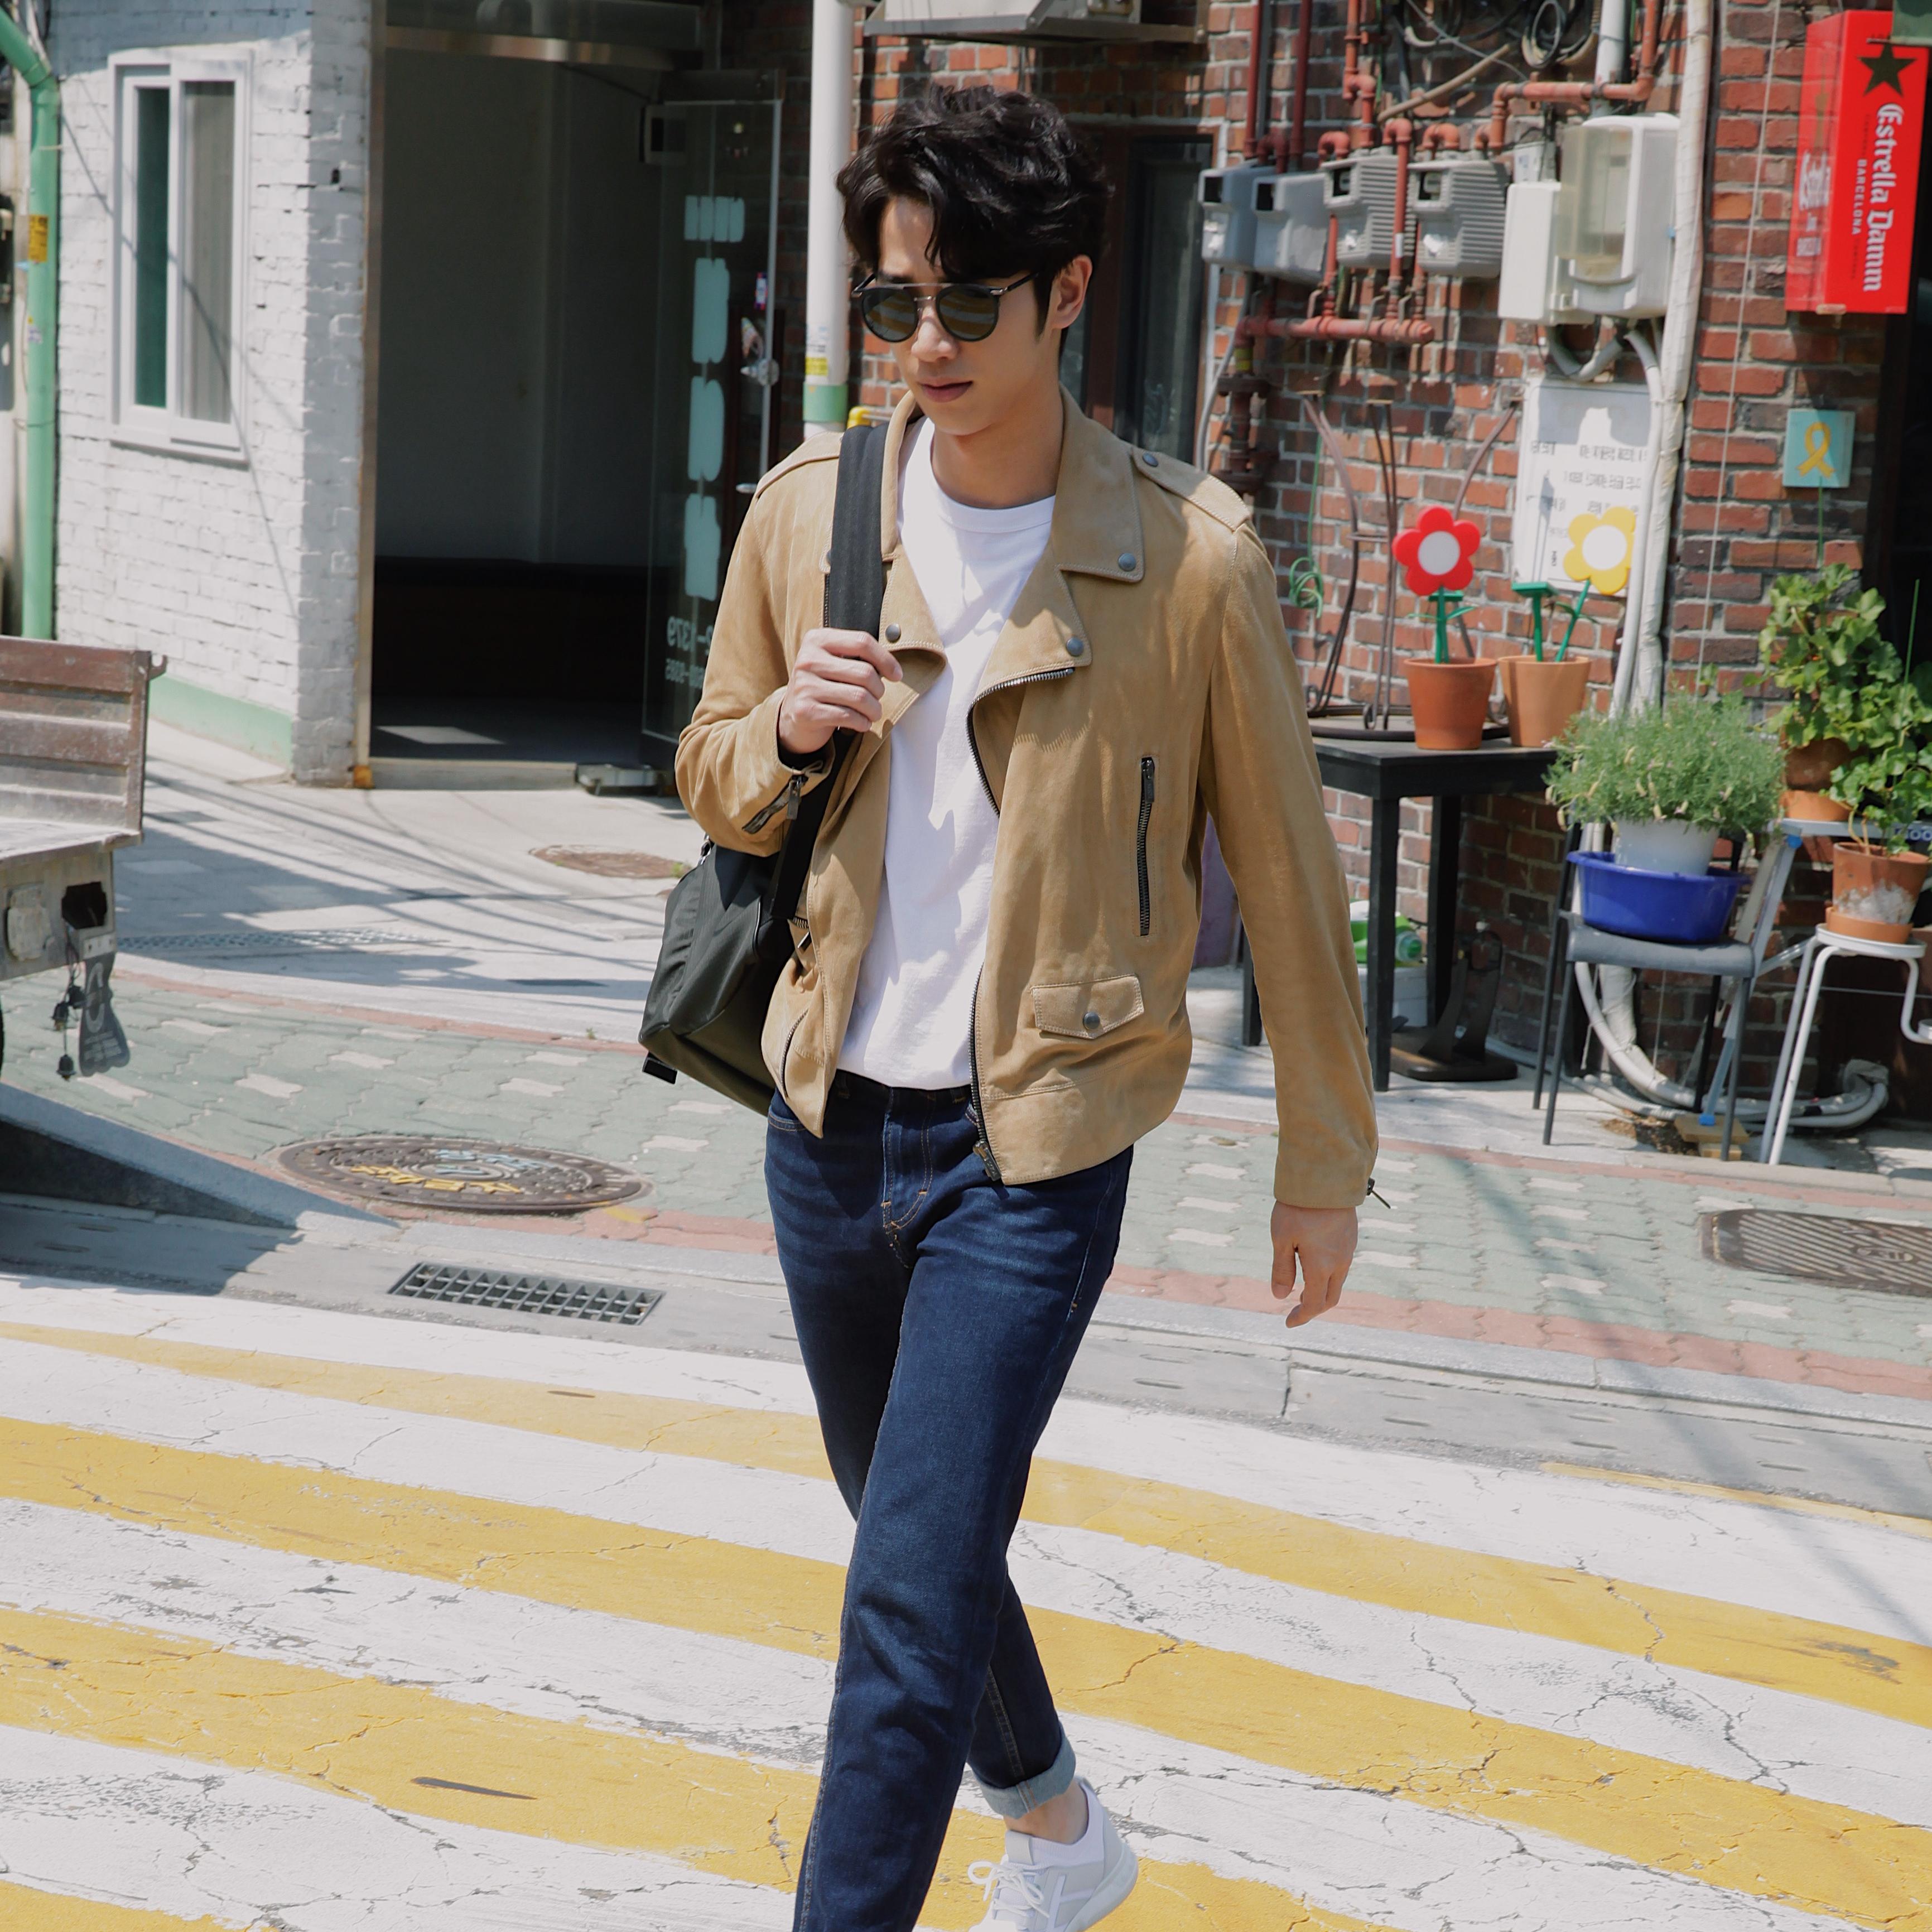 迷人義式風範─「國民暖男」劉以豪著 TOD'S No_Code #02 男鞋漫步首爾街頭